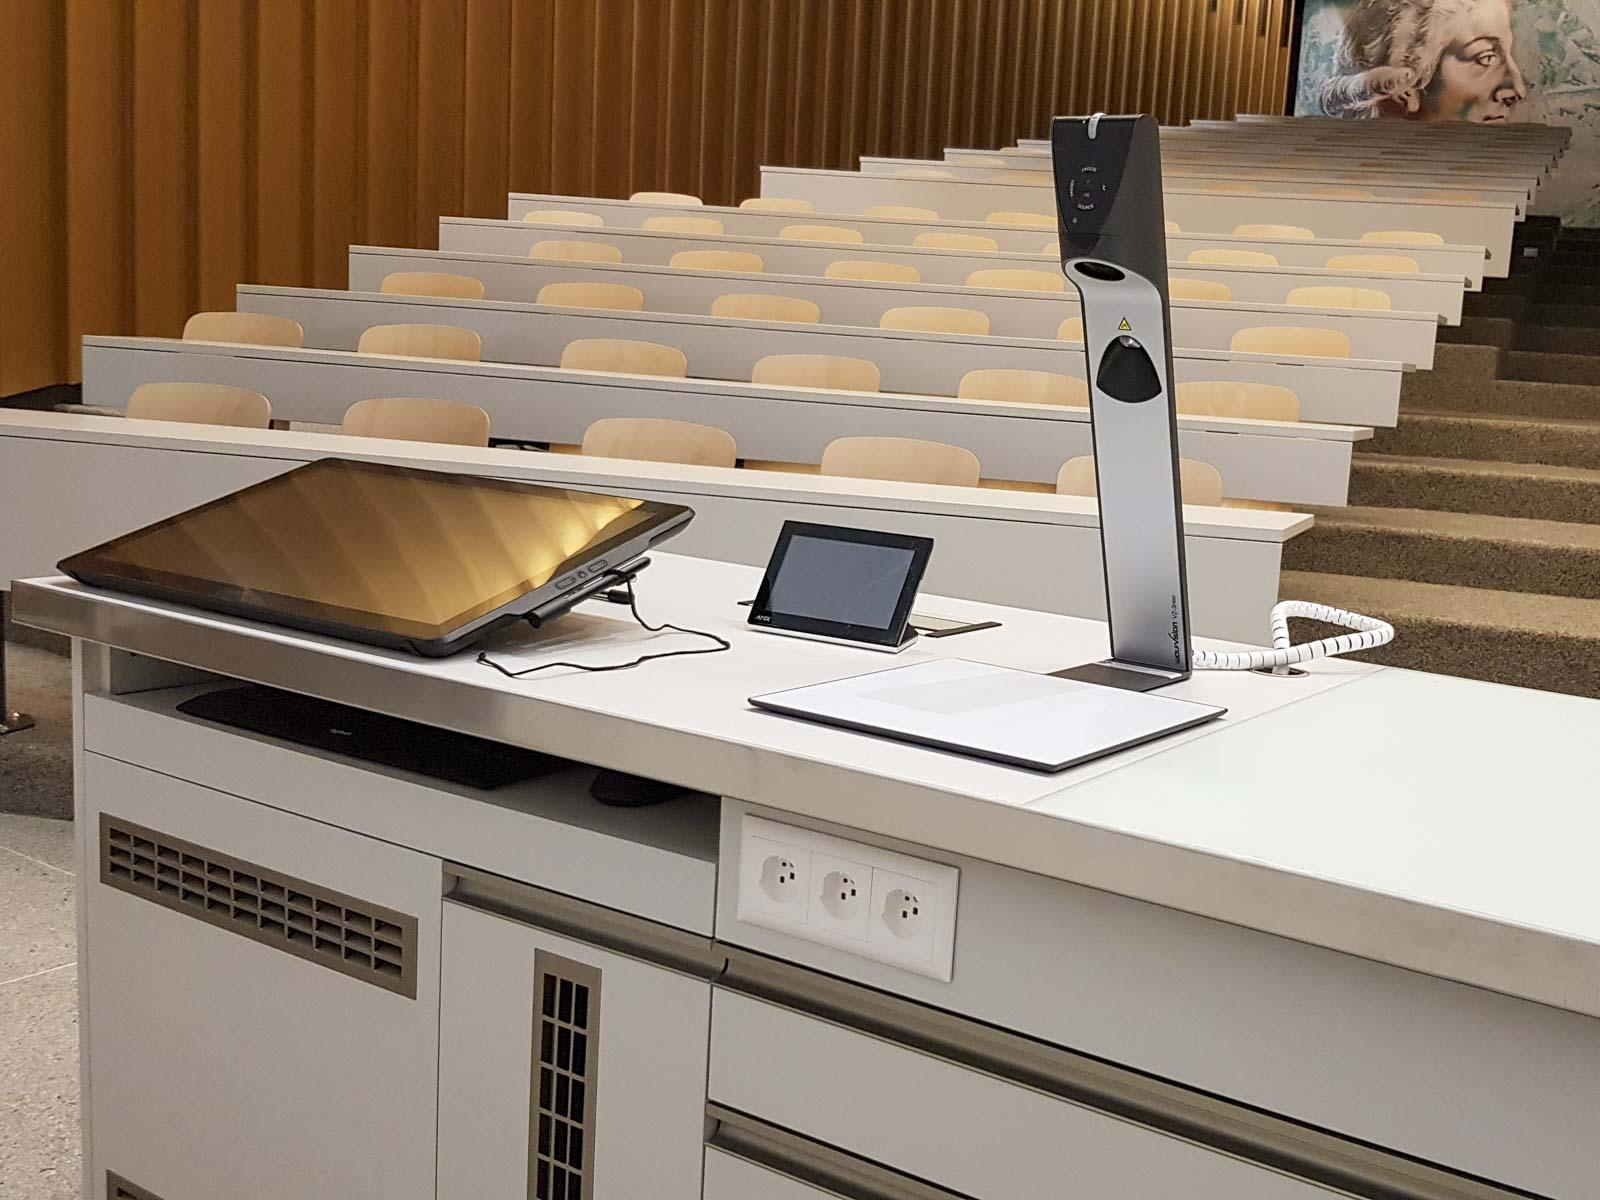 Wooddesign_öffentliche Bauten_Uni Freiburg_Möbel_Rollkorpus_Lehrerpult_Schliessfächer_Aula_Arbeitstische_Labor_Bedienungspult (1)